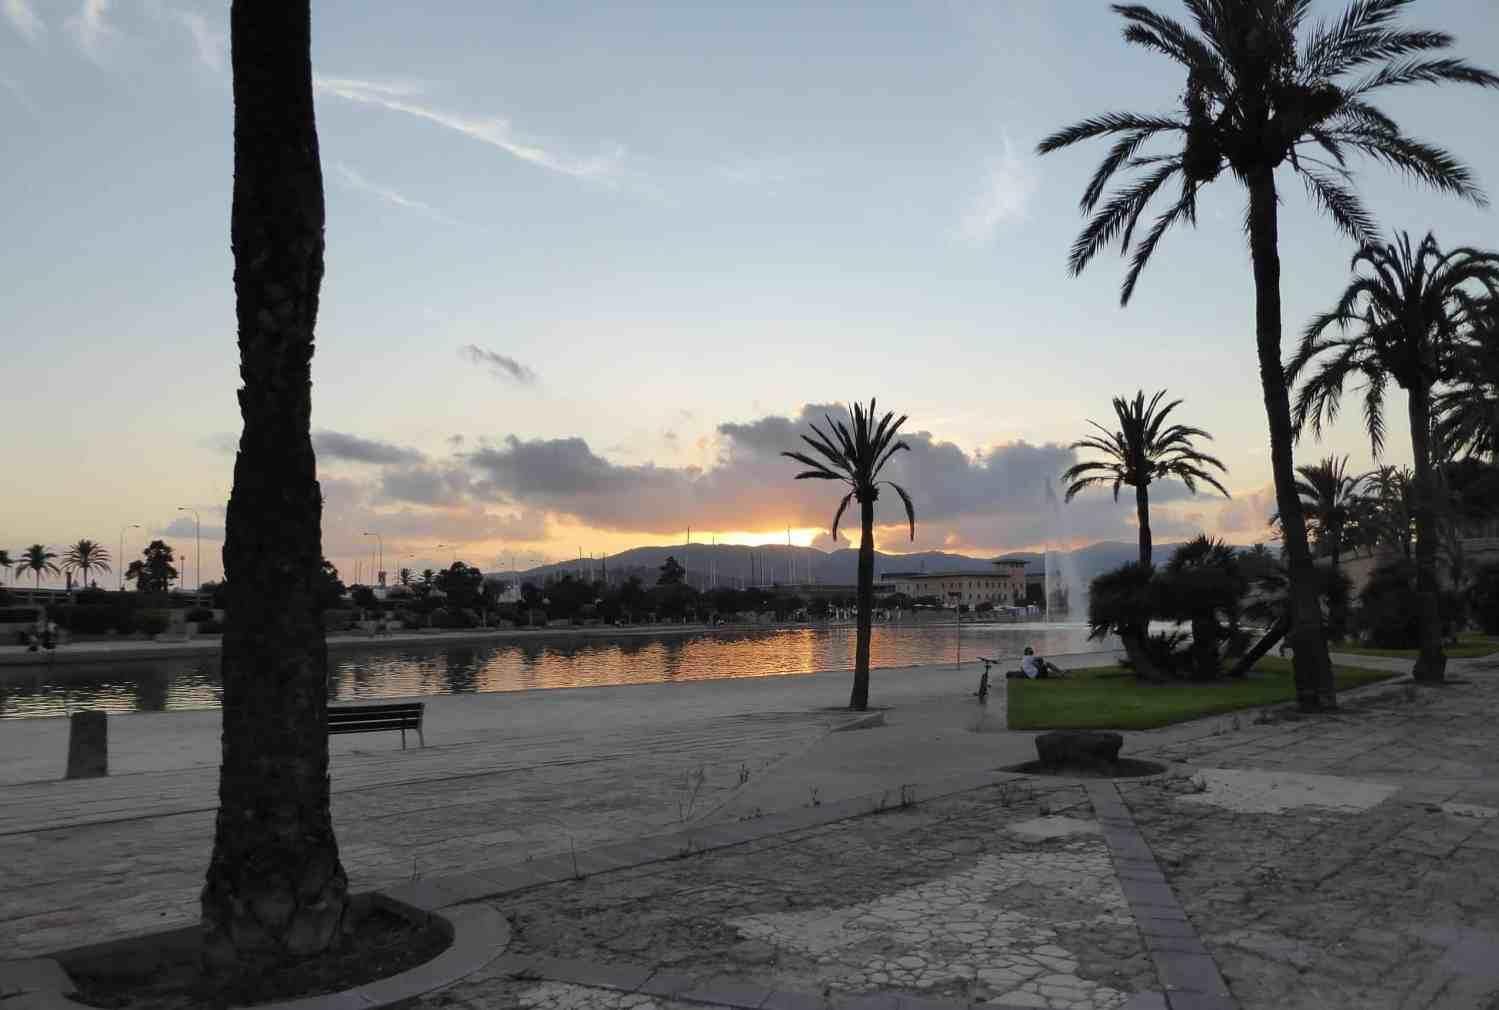 Palma tranquila y Mallorca fuera de temporada